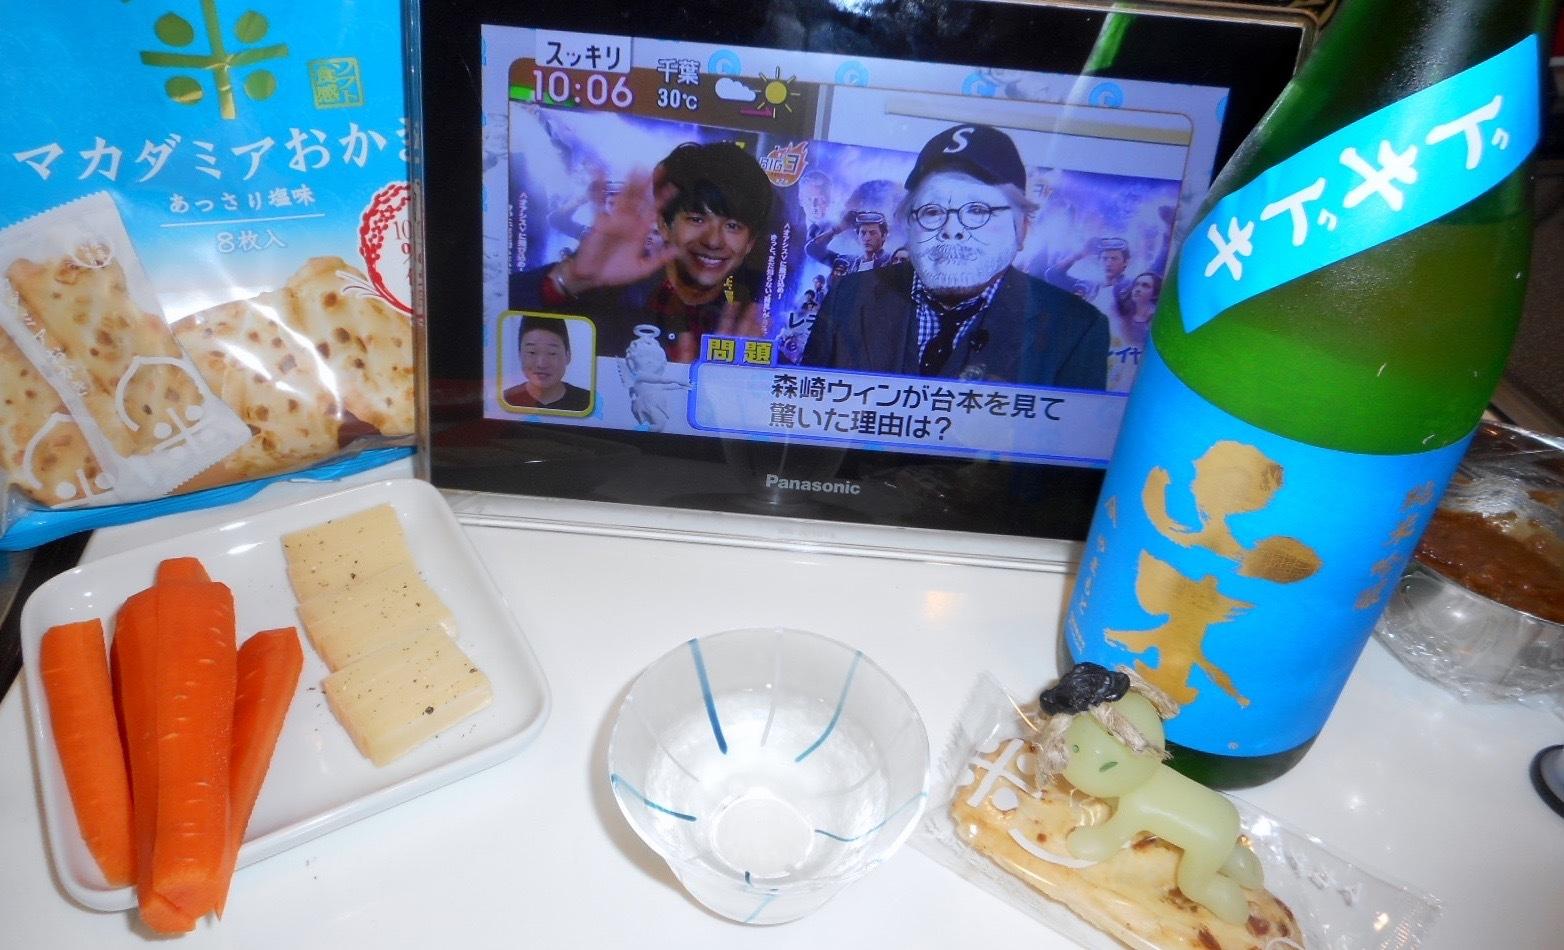 yamamoto_dokidoki29by3.jpg